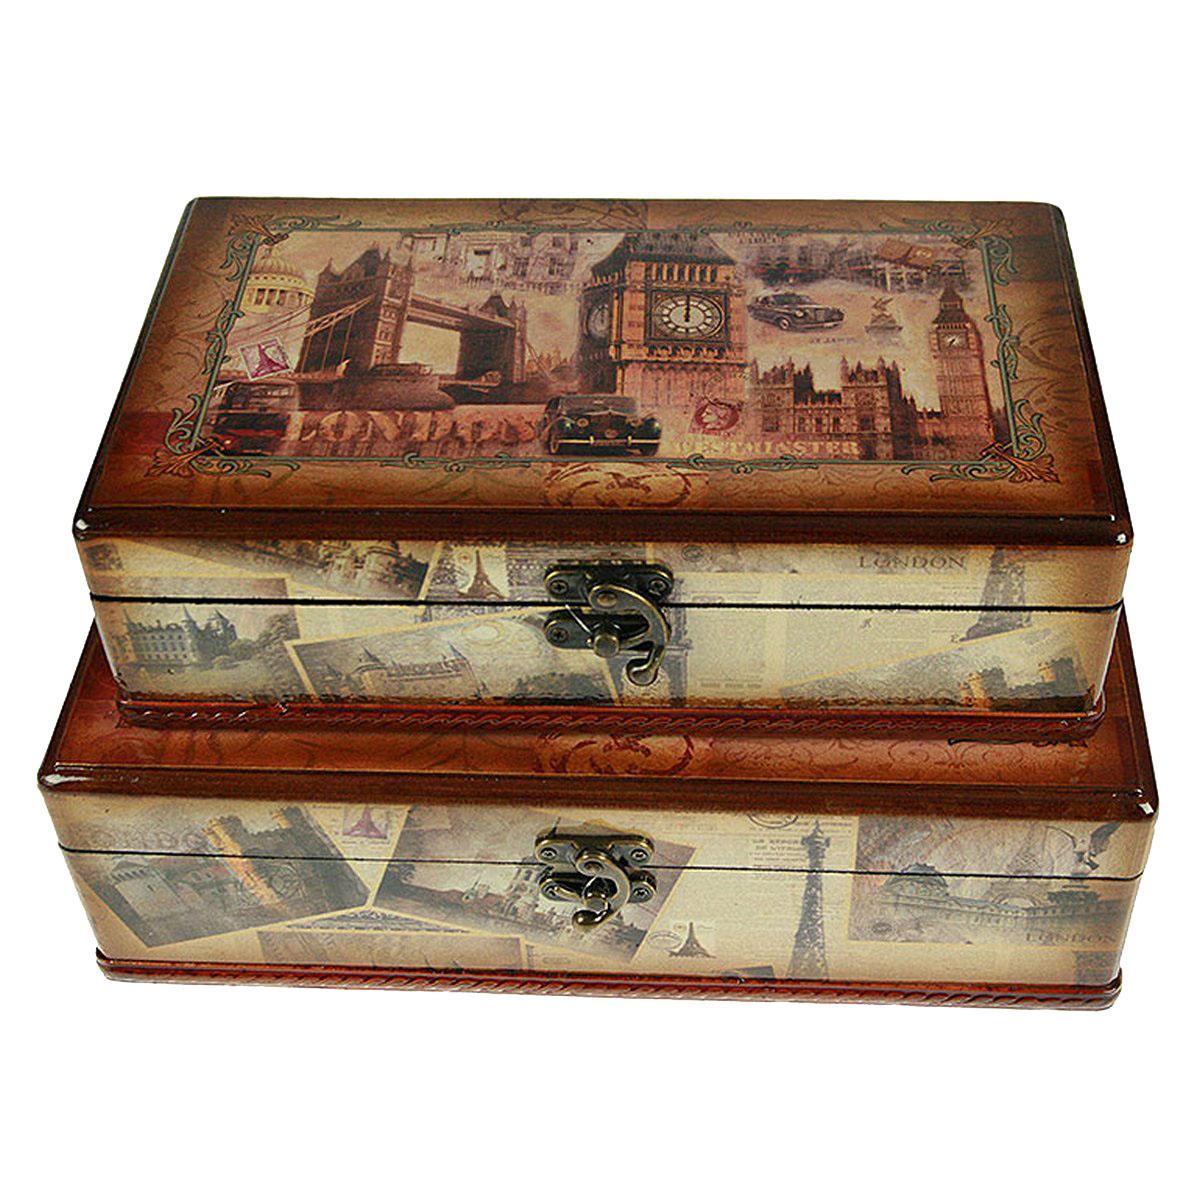 Набор сундучков Roura Decoracion, 2 шт. 34746 набор сундучков roura decoracion 27 х 14 х 10 см 2 шт 34554